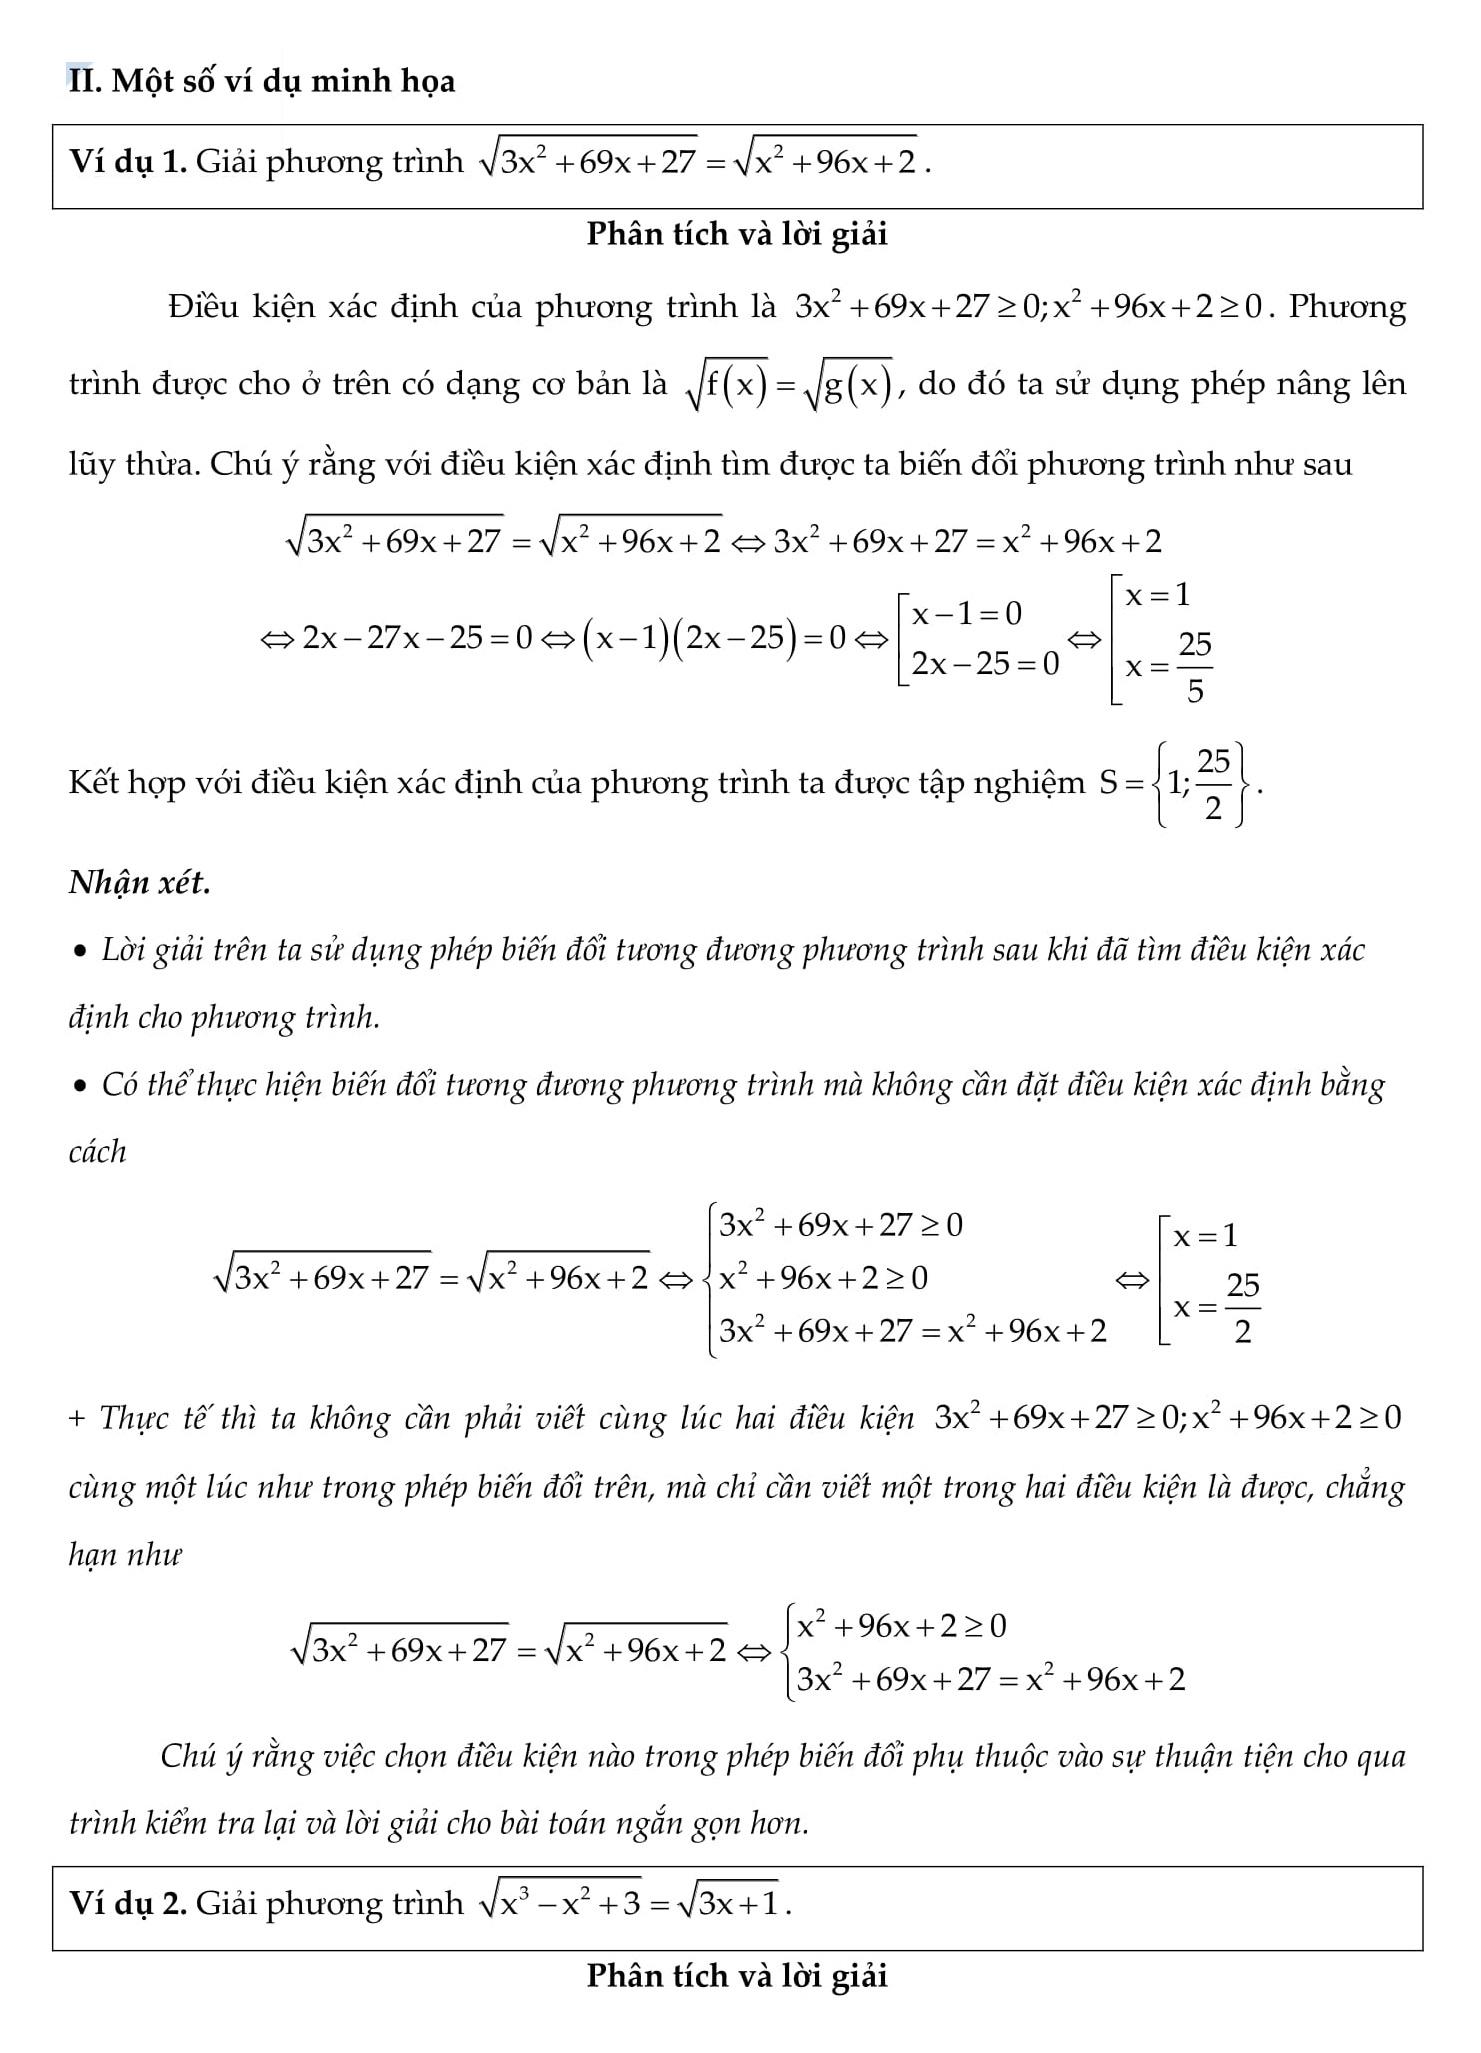 Chuyên đề Phương trình vô tỉ - Toán 9